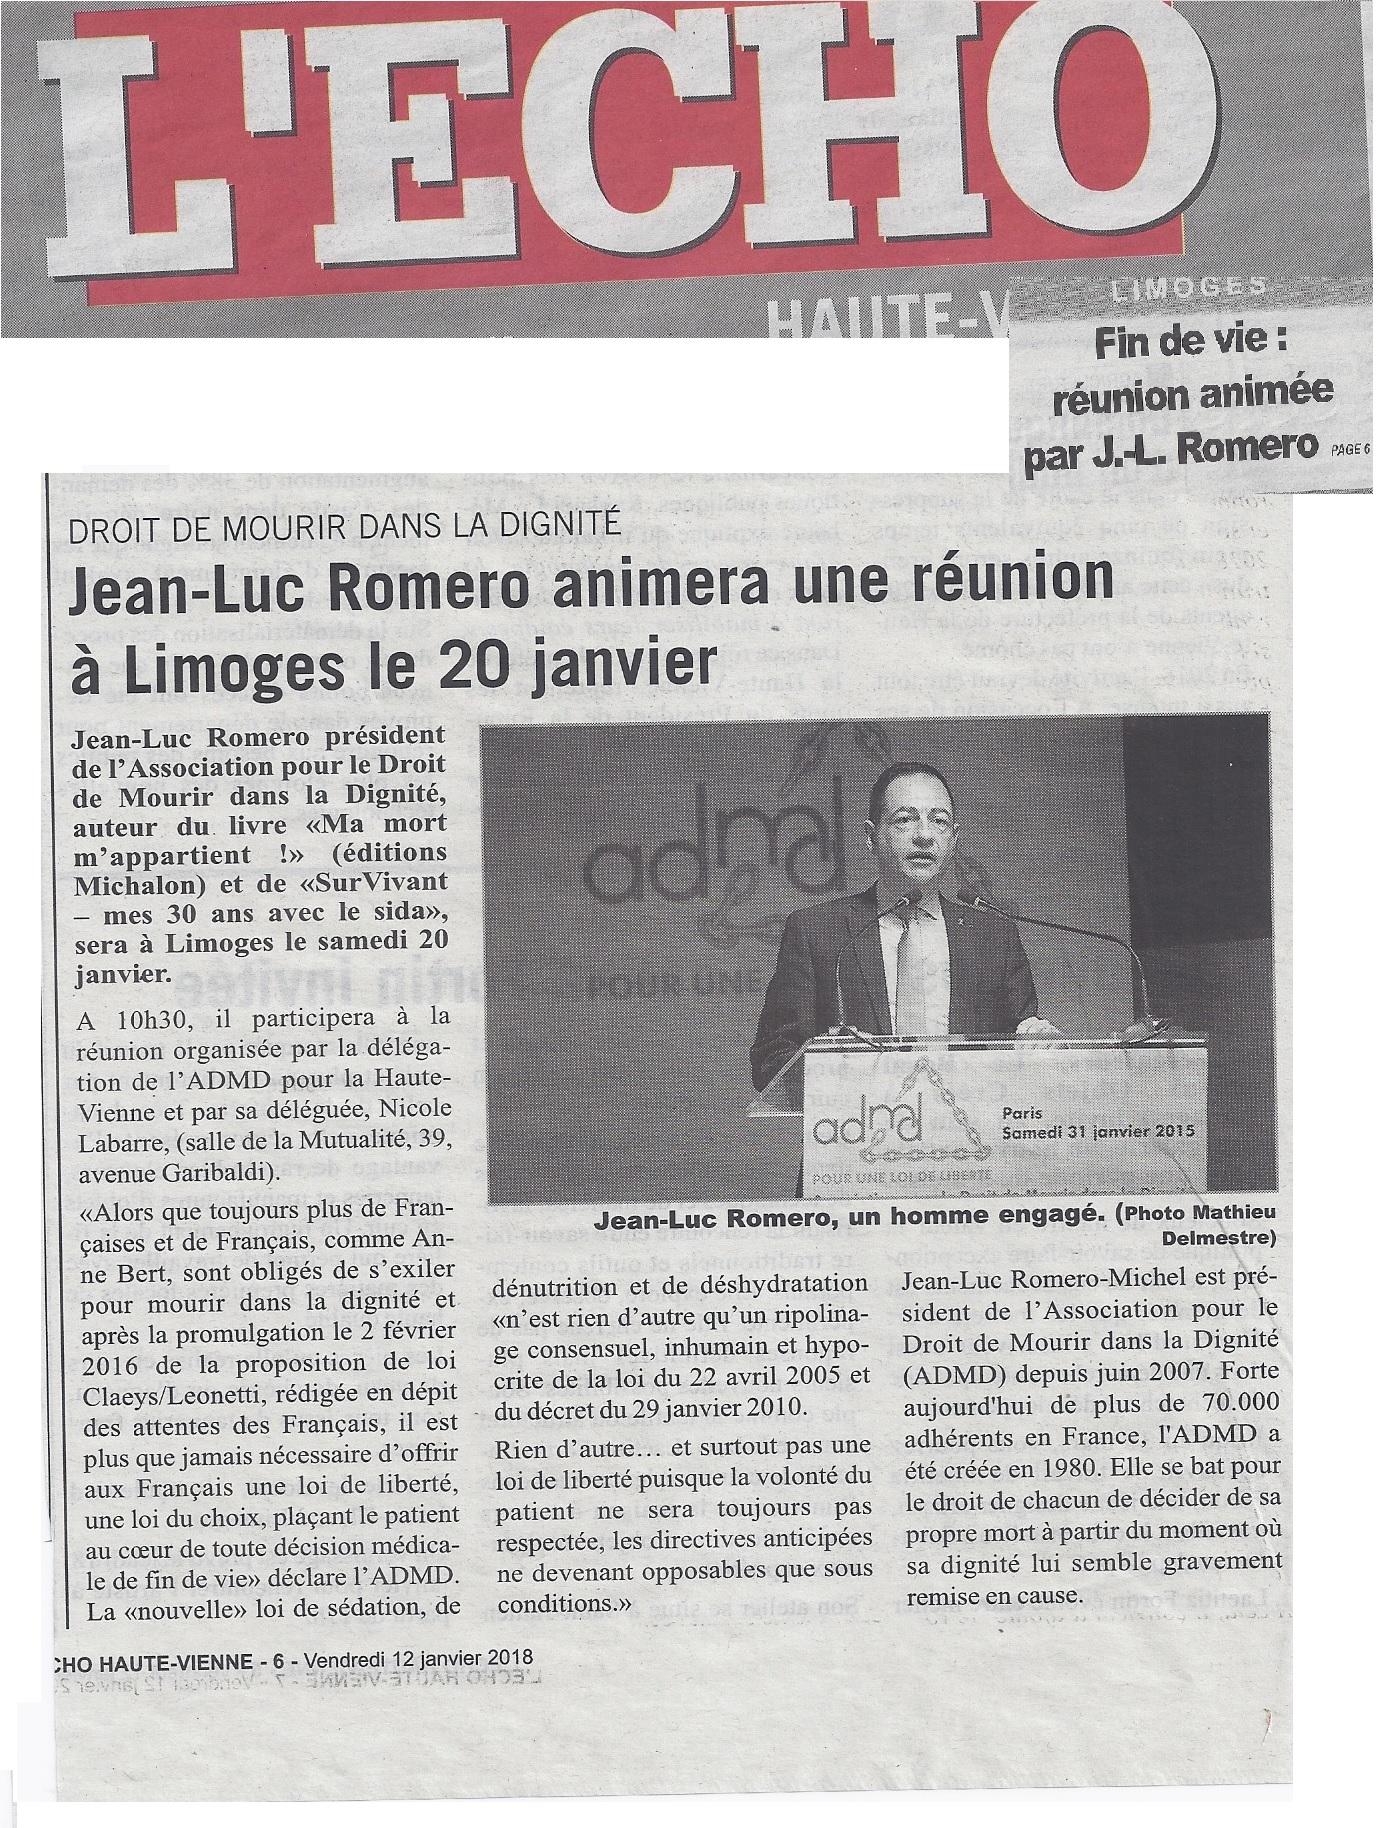 A Limoges, le vendredi 20 janvier pour une réunion publique de l'ADMD